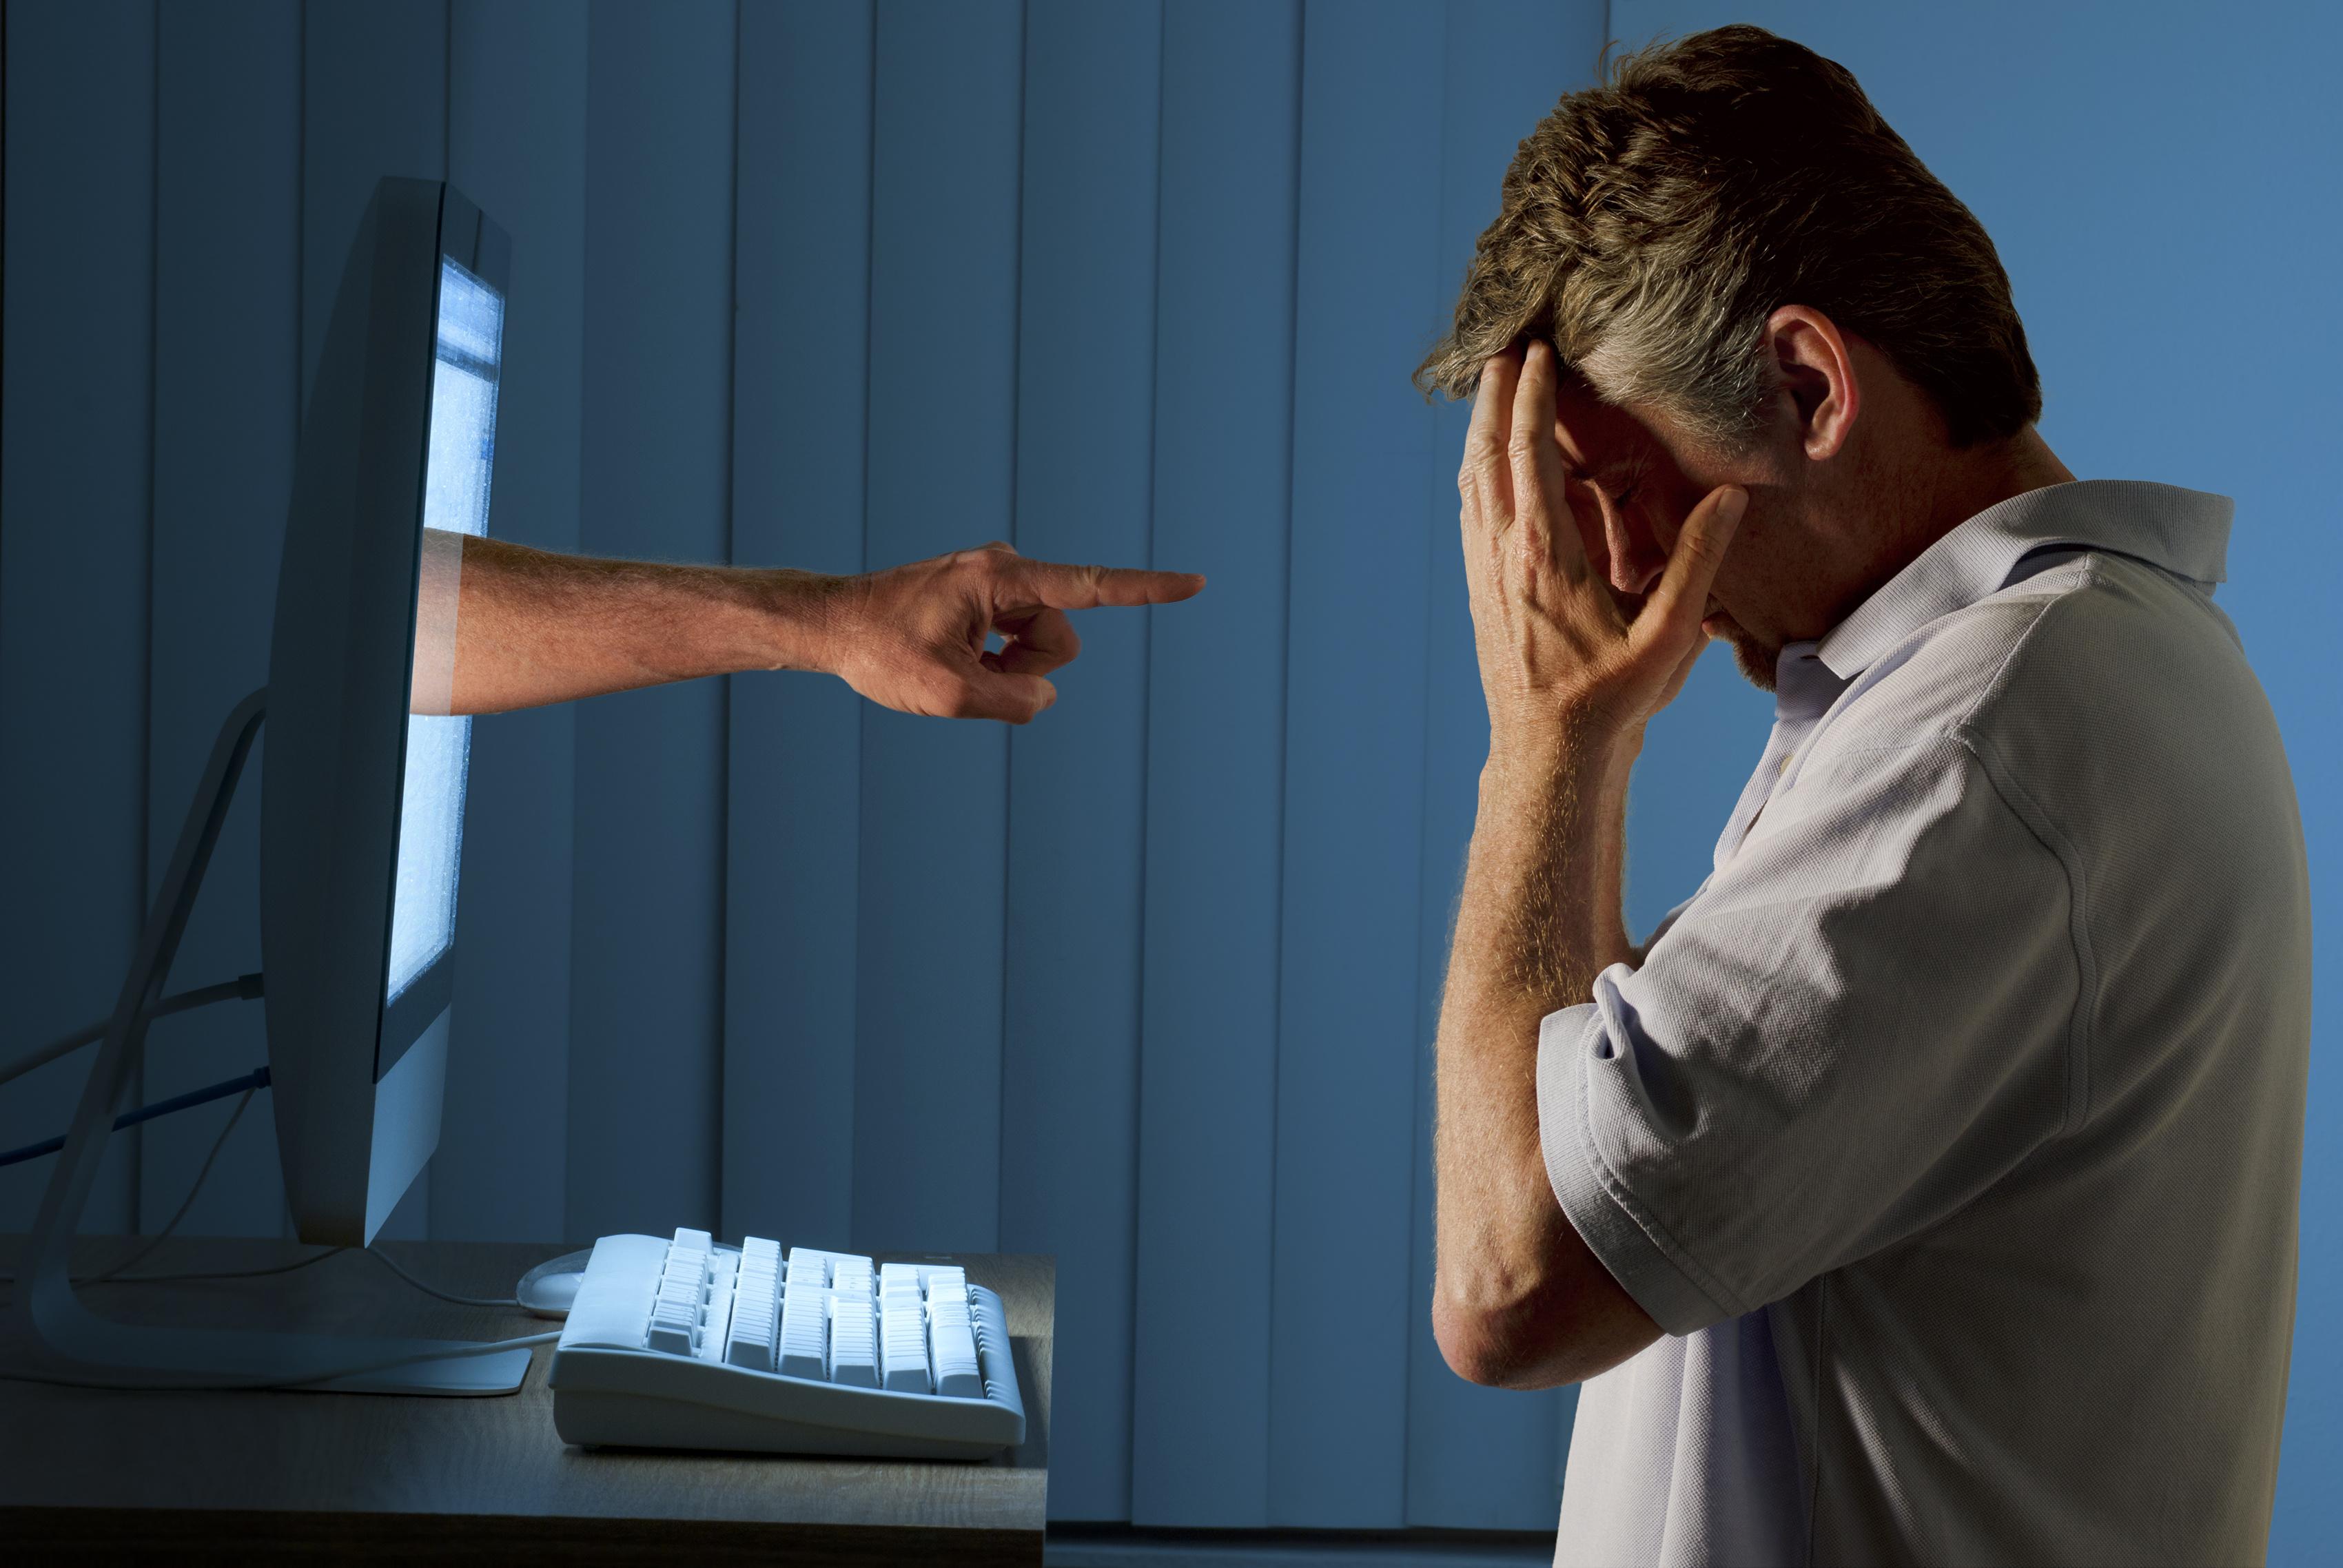 ניהול מוניטין באינטרנט - הסרת אזכורים שליליים